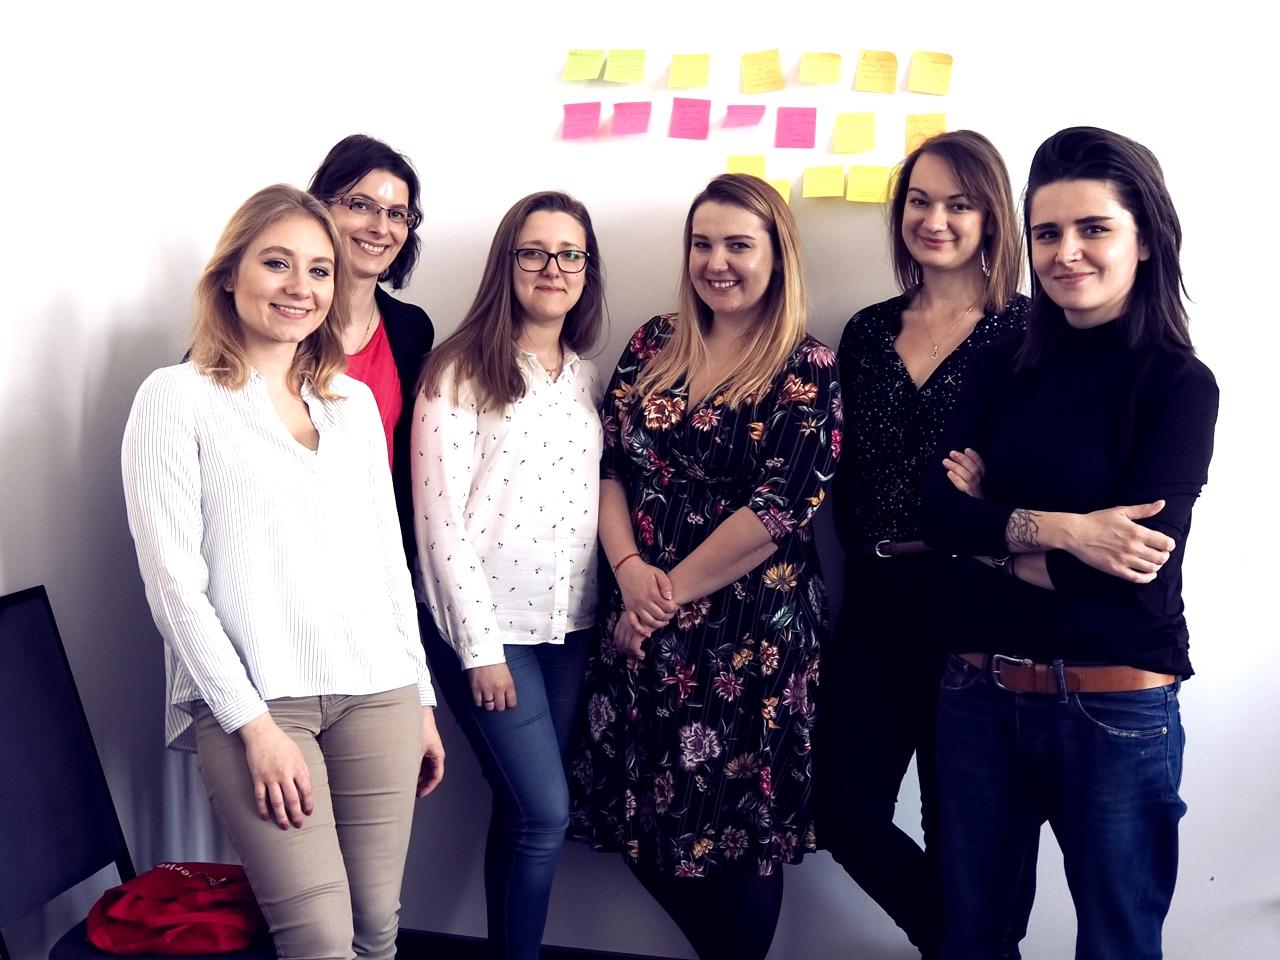 Szkolenie Content Event Marketing - jak samemu sprawić, żeby o Twoim wydarzeniu było głośno? EMTG